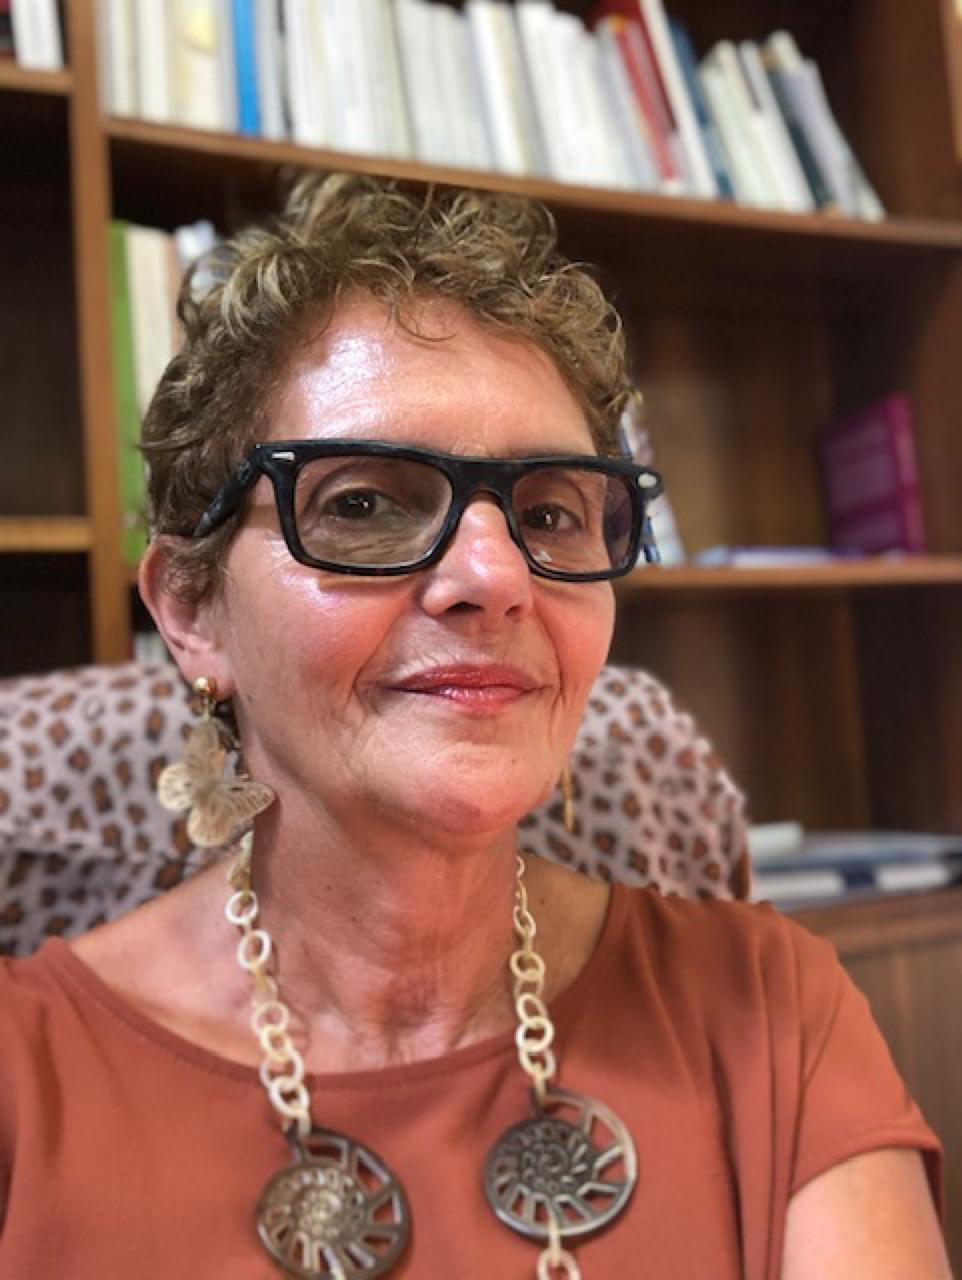 Indagine sugli studenti universitari italiani: chi ha una bassa alfabetizzazione sanitaria funzionale ha una minore percezione del rischio ambientale